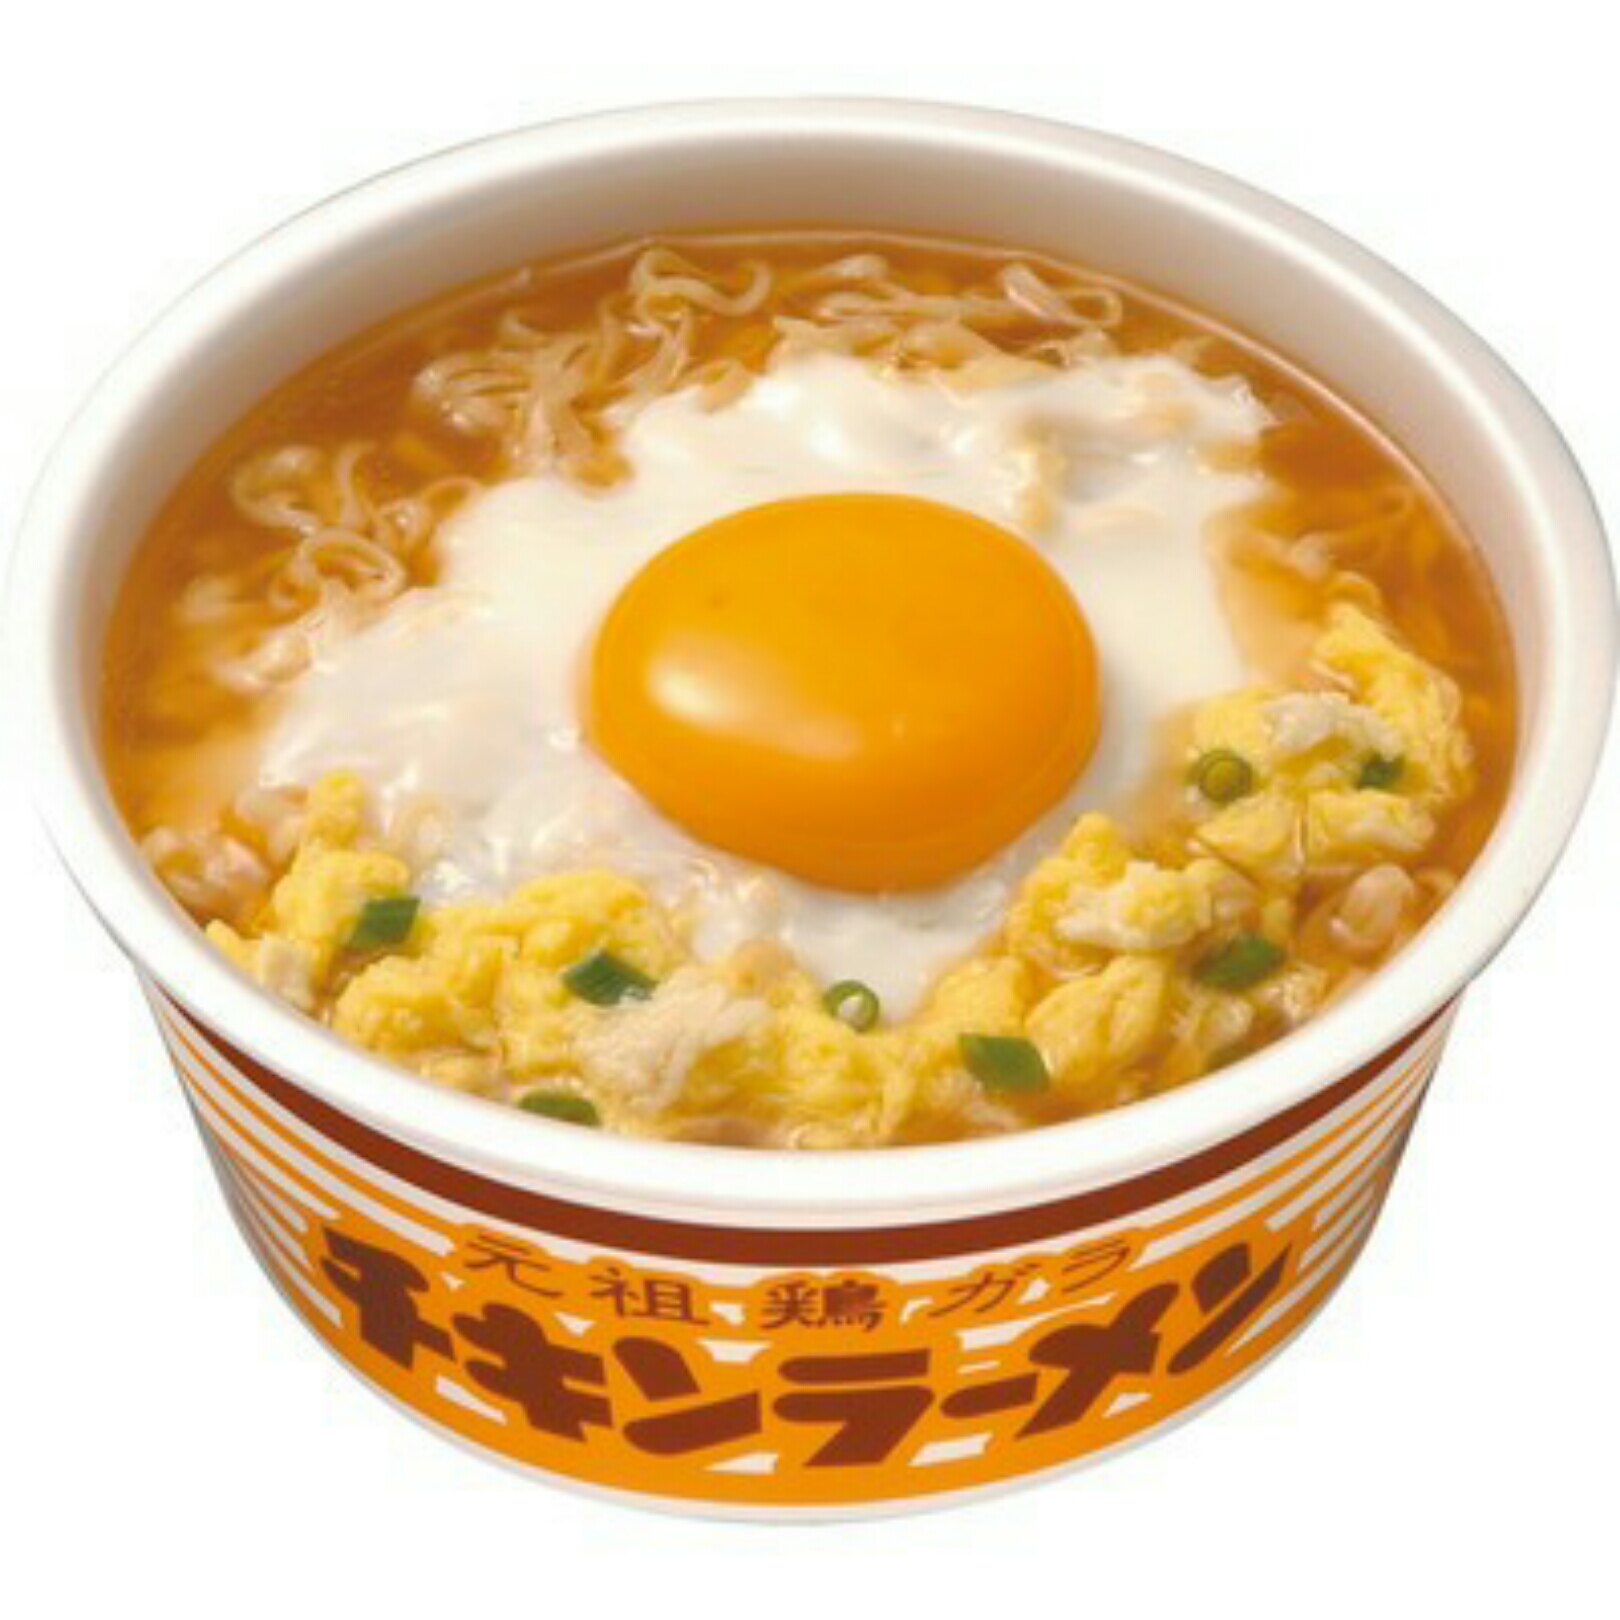 有樂町進口食品 日本旅遊必敗 暢銷經典NO.1 日清元祖雞碗麵 4902105002605